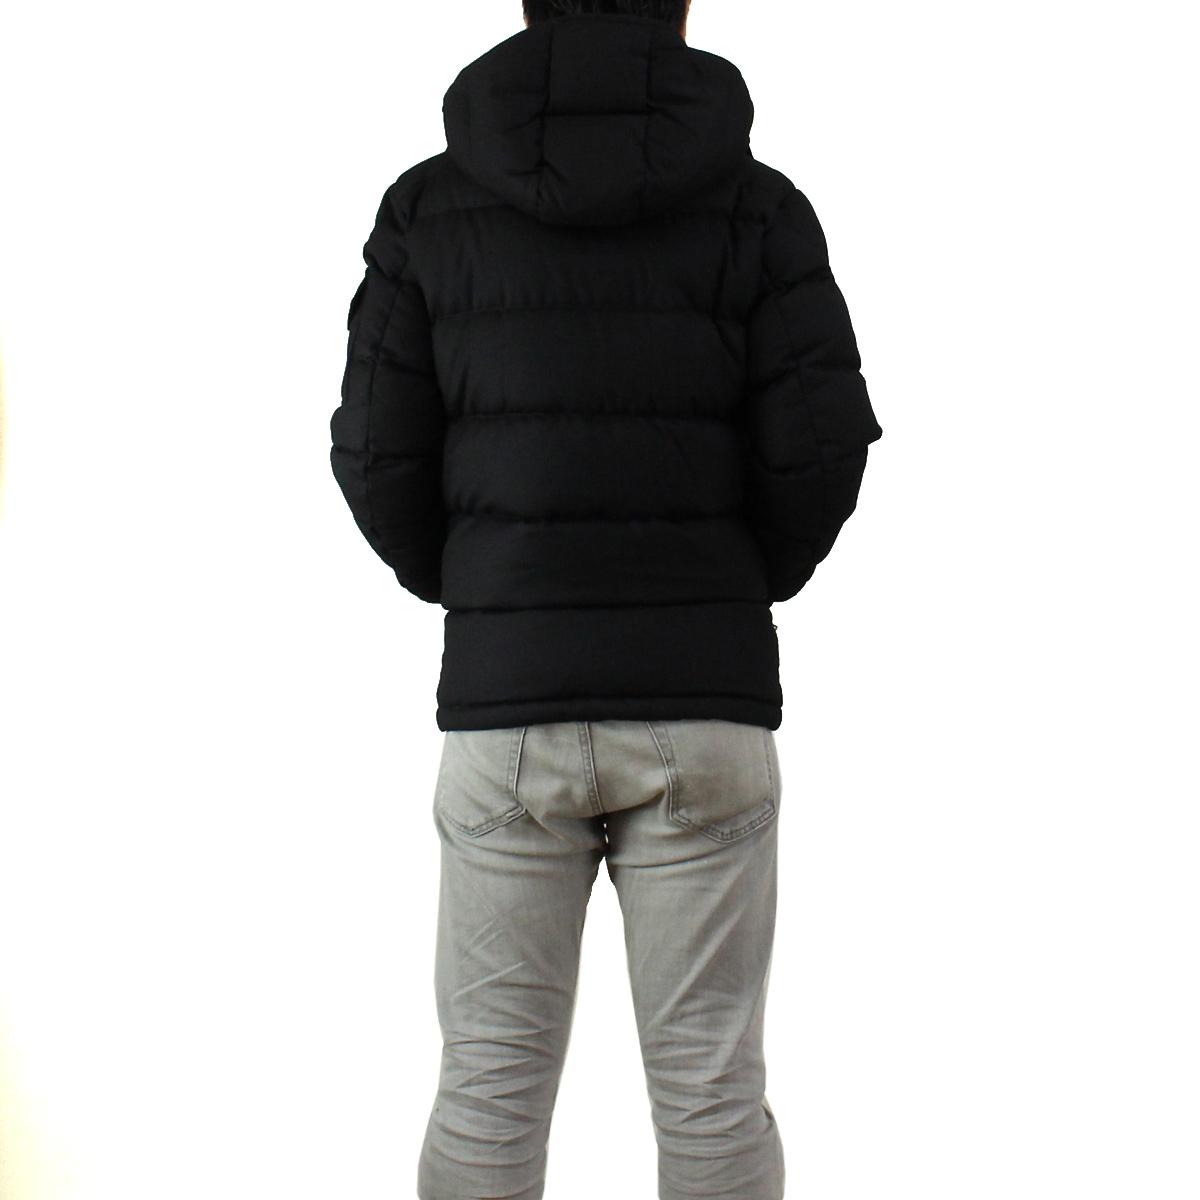 MONCLER (MONCLER) MONTGENEVRE mens down jacket MONTGENEVRE 4033805 15 - 54272 - 999 black( taxfree/send by EMS/authentic/A brand new item )